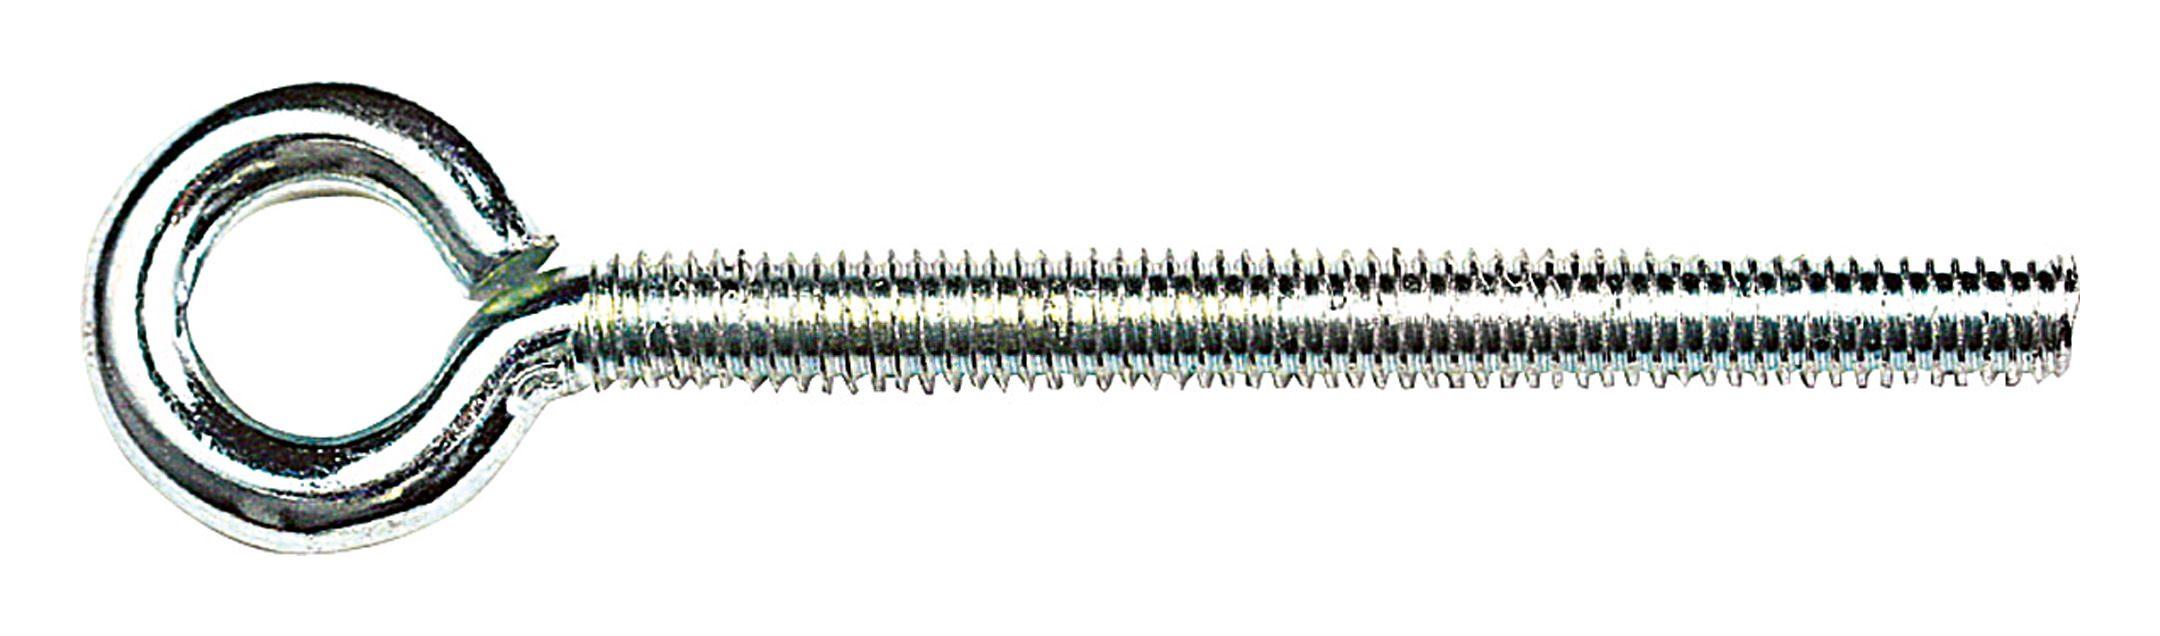 Ringschrauben verzinkt Art 1 16X 8mm 100 Stück